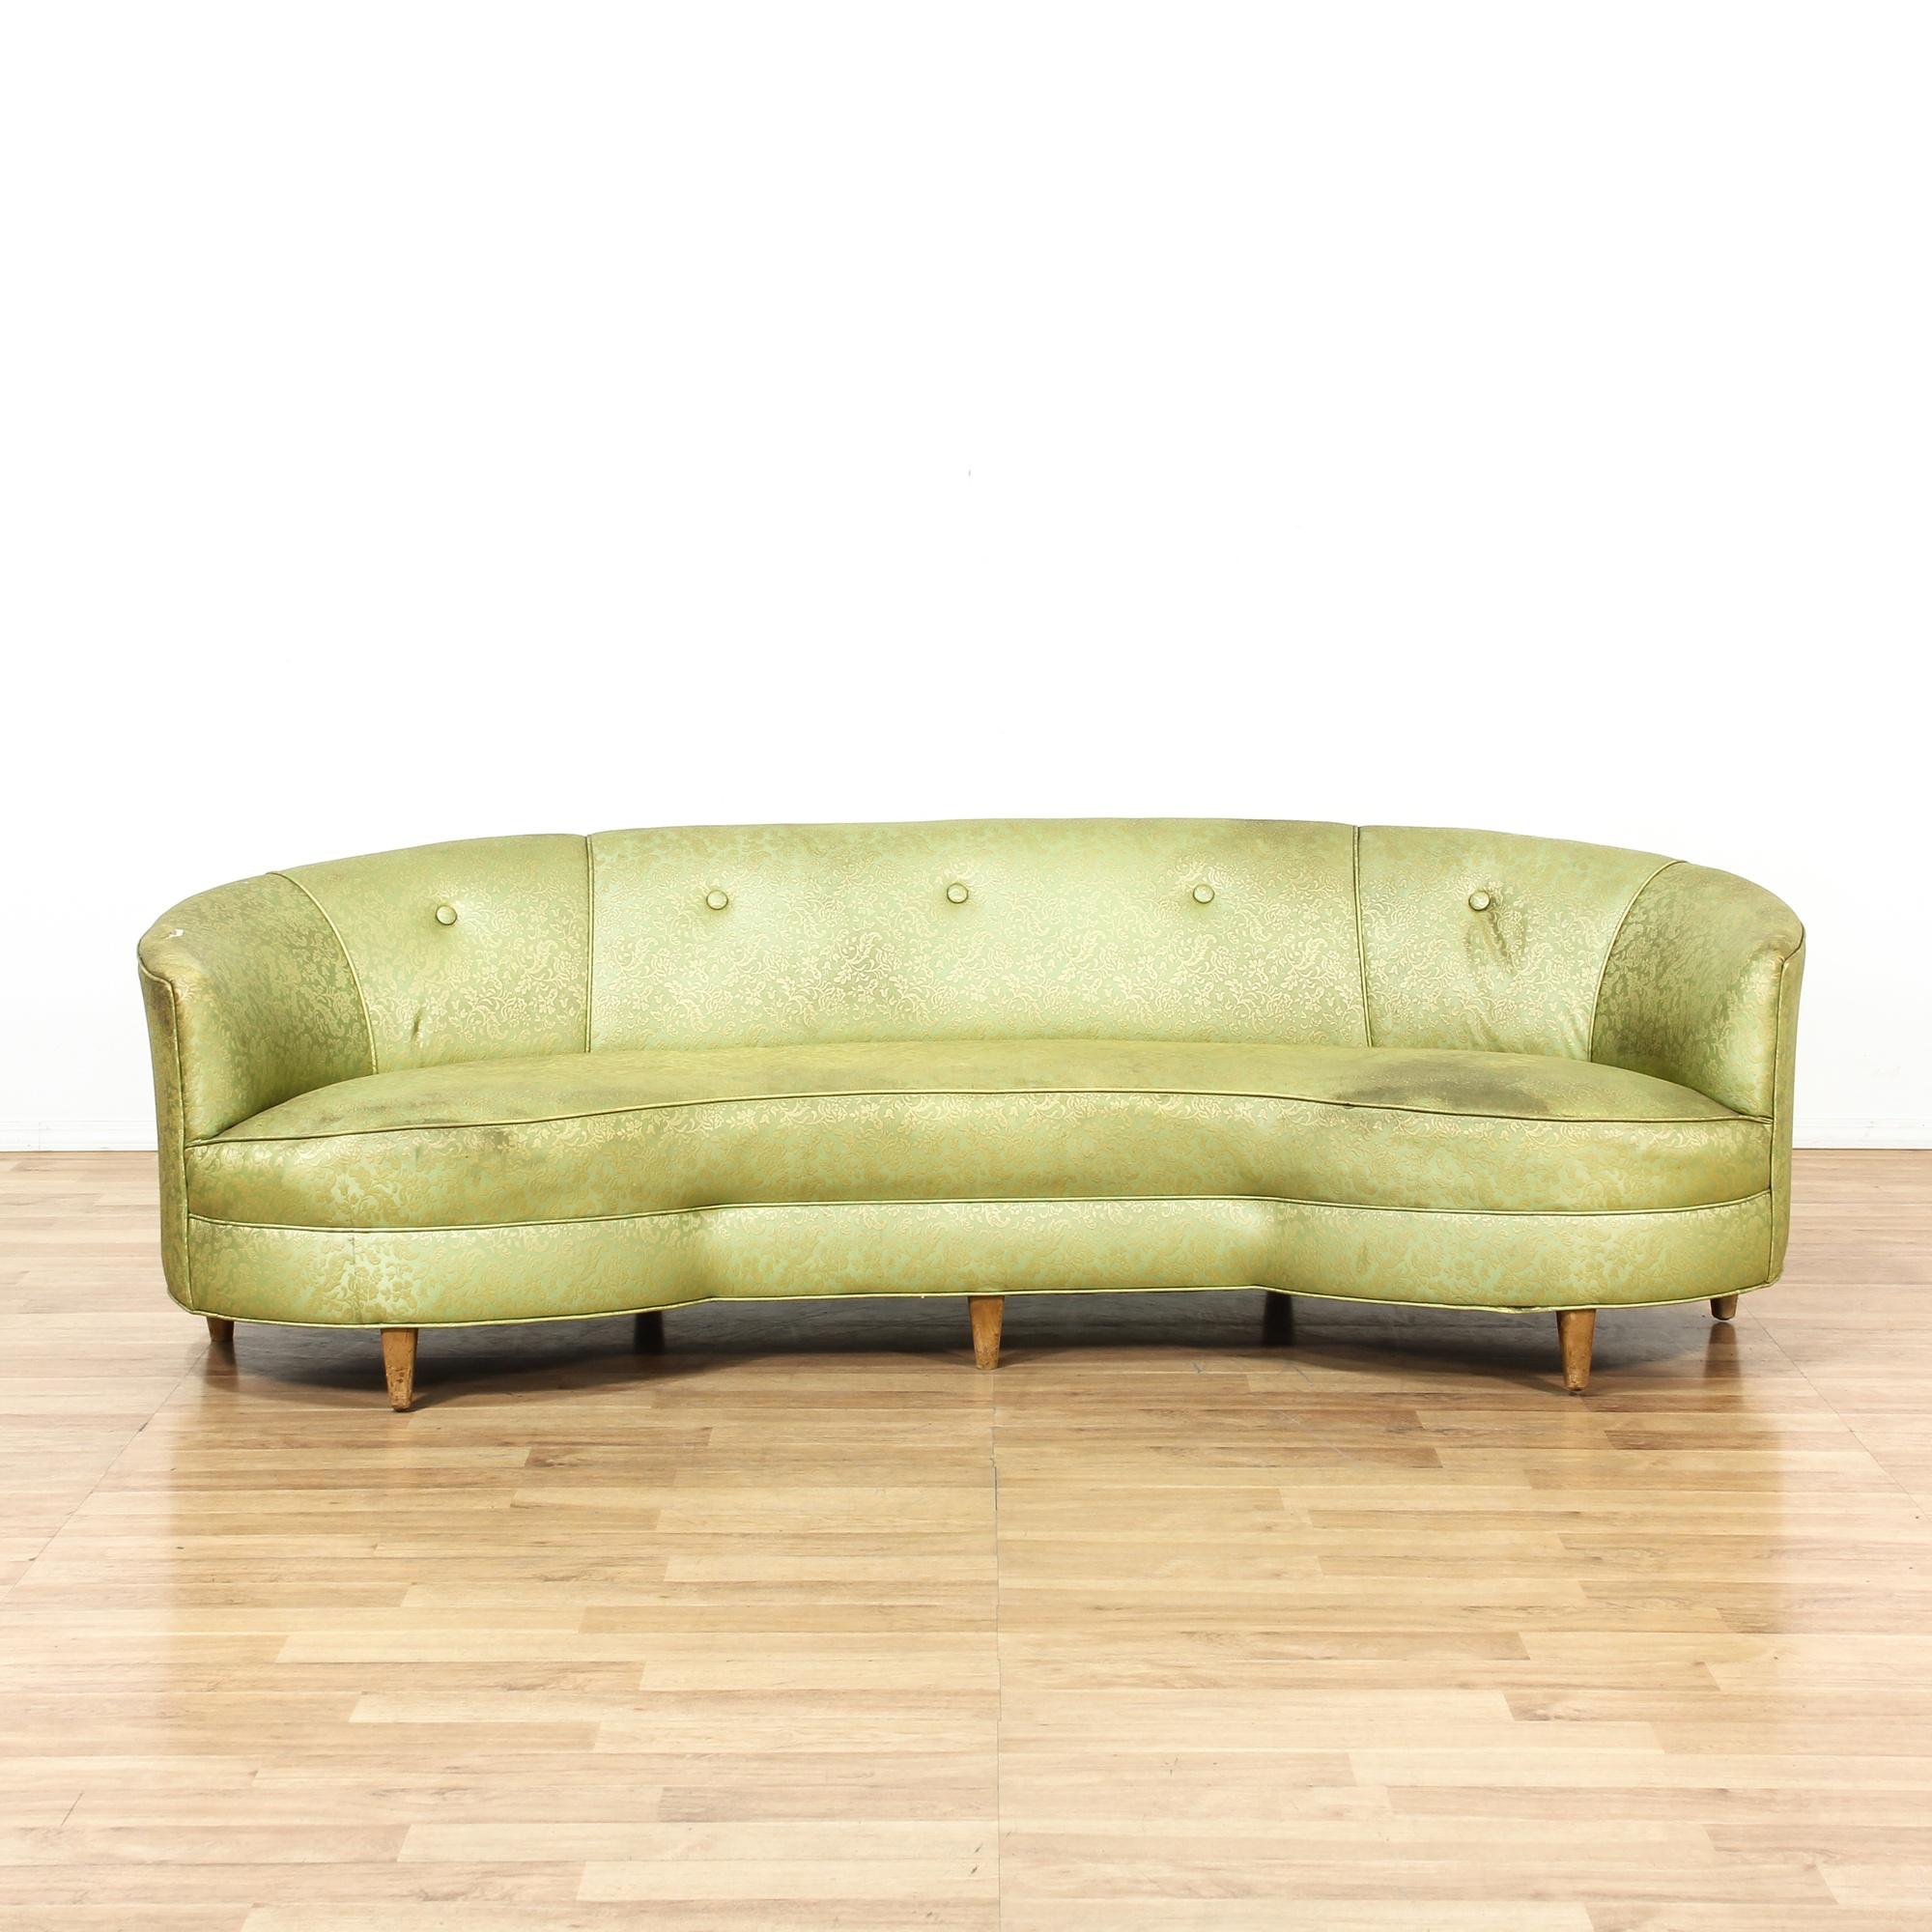 Vintage & Used Furniture in San Diego & Los Angeles